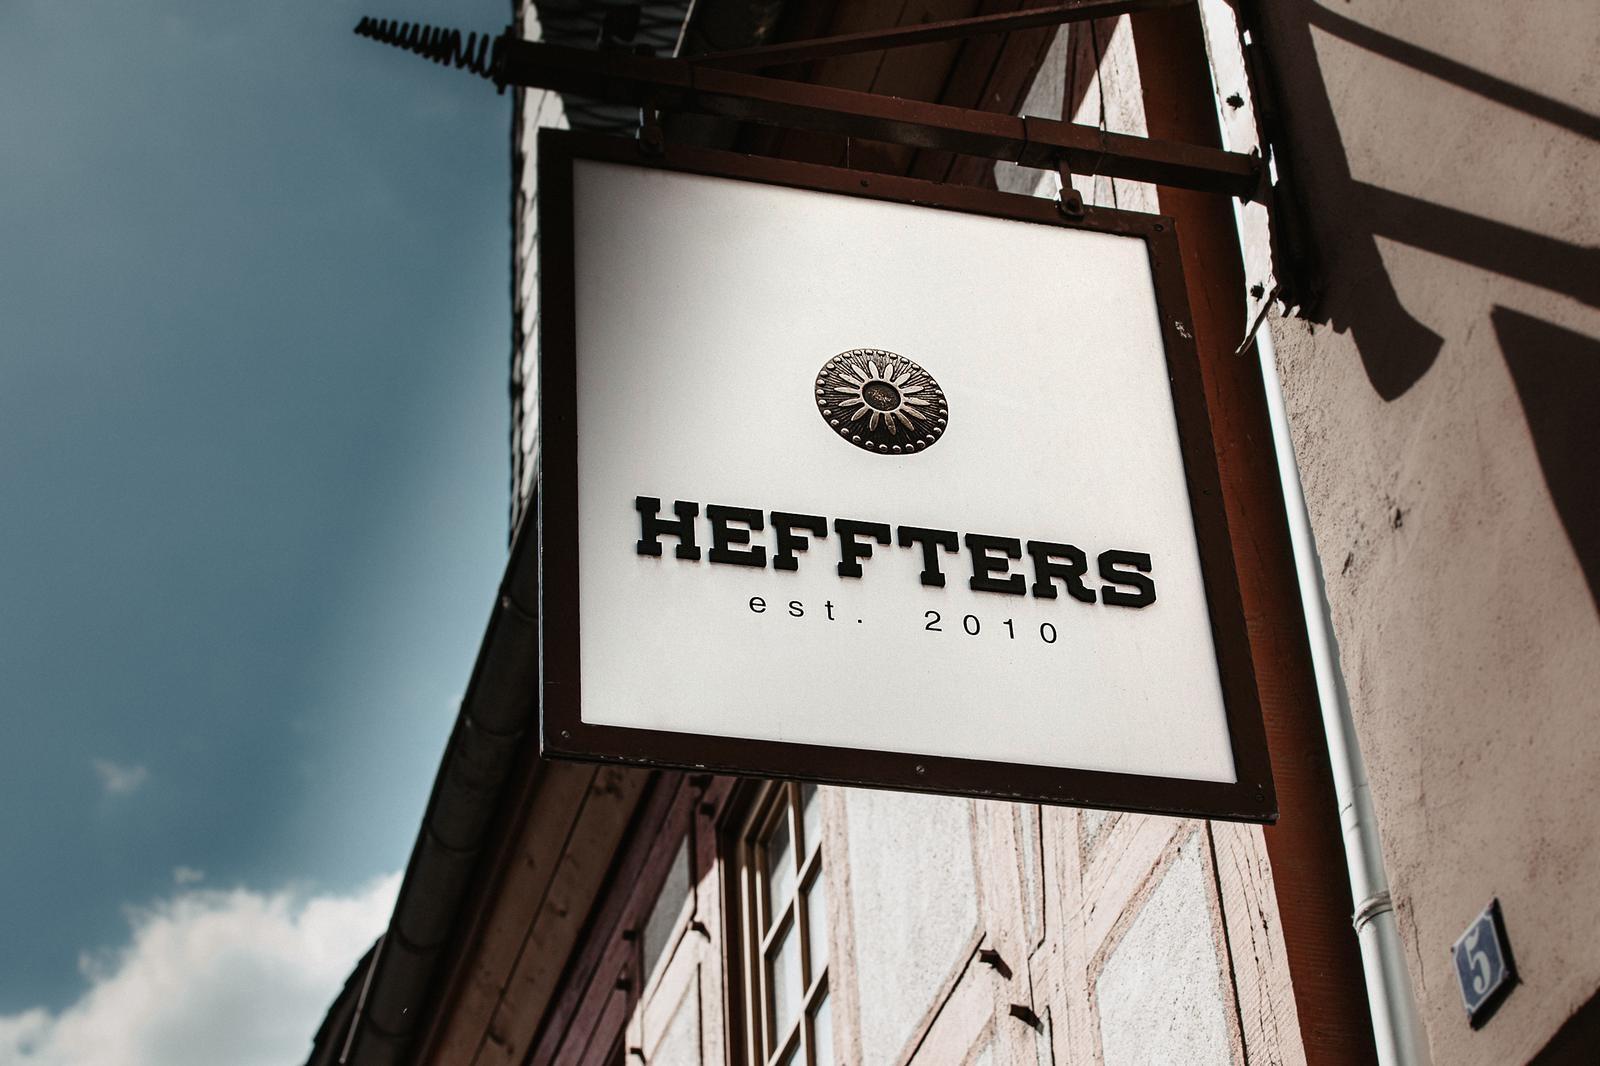 HEFFTERS